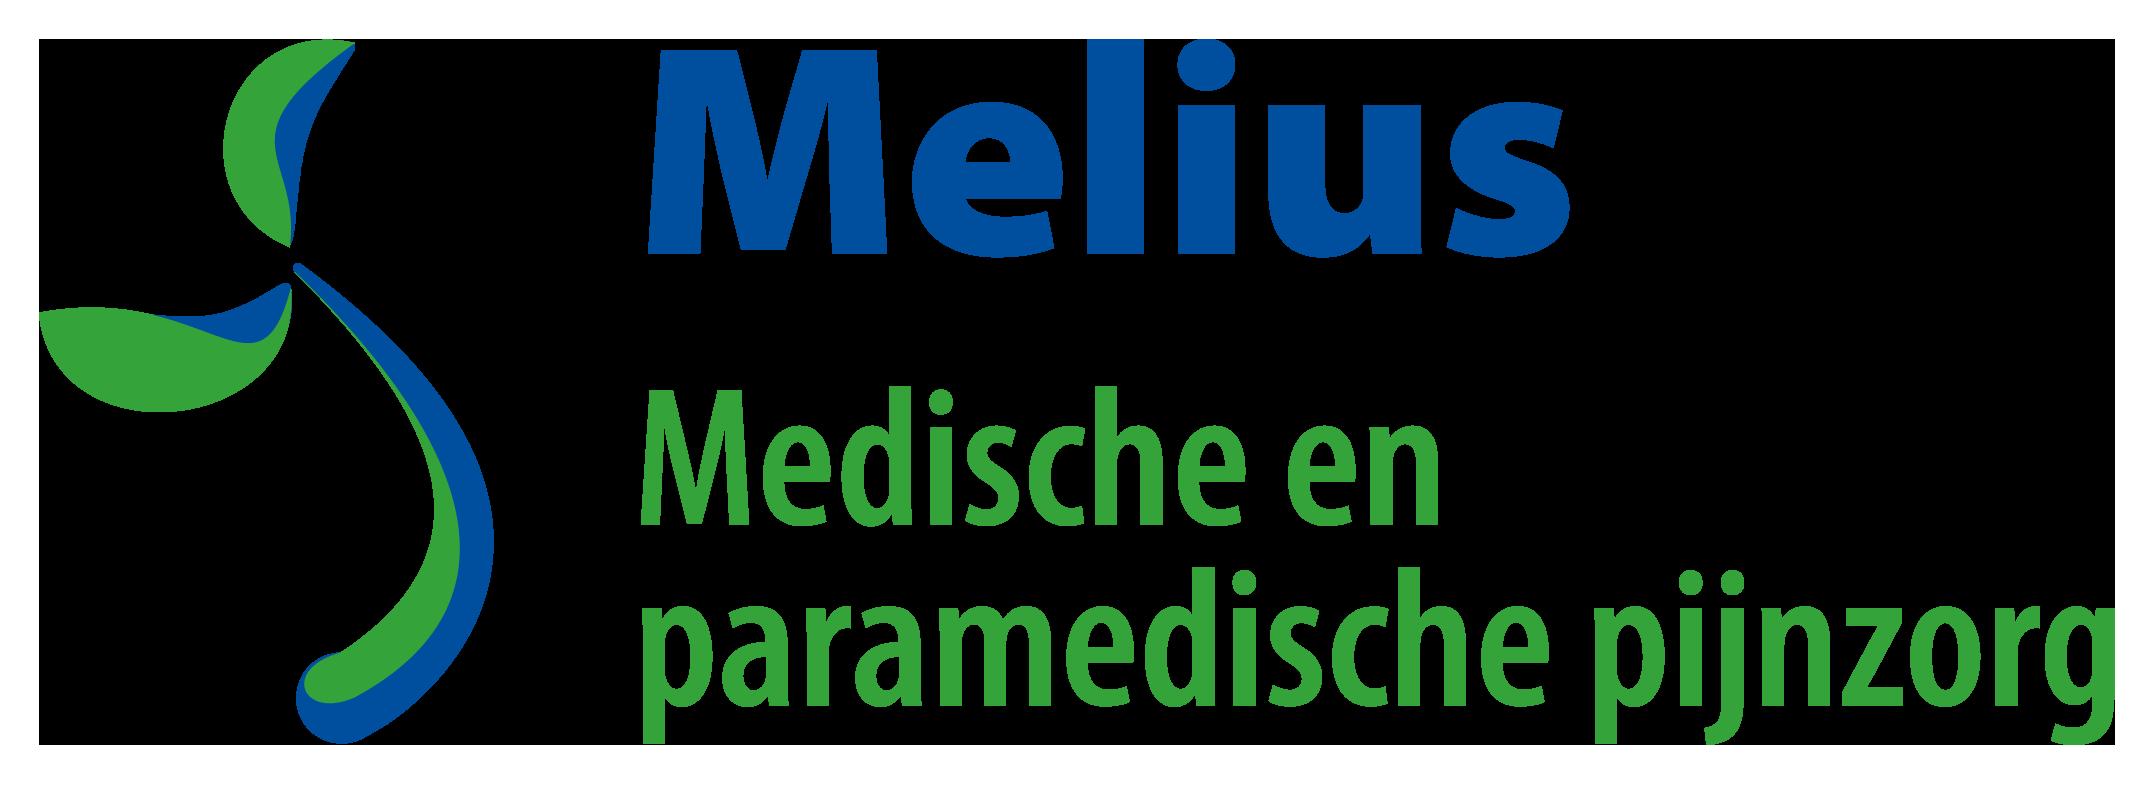 Melius pijnzorg